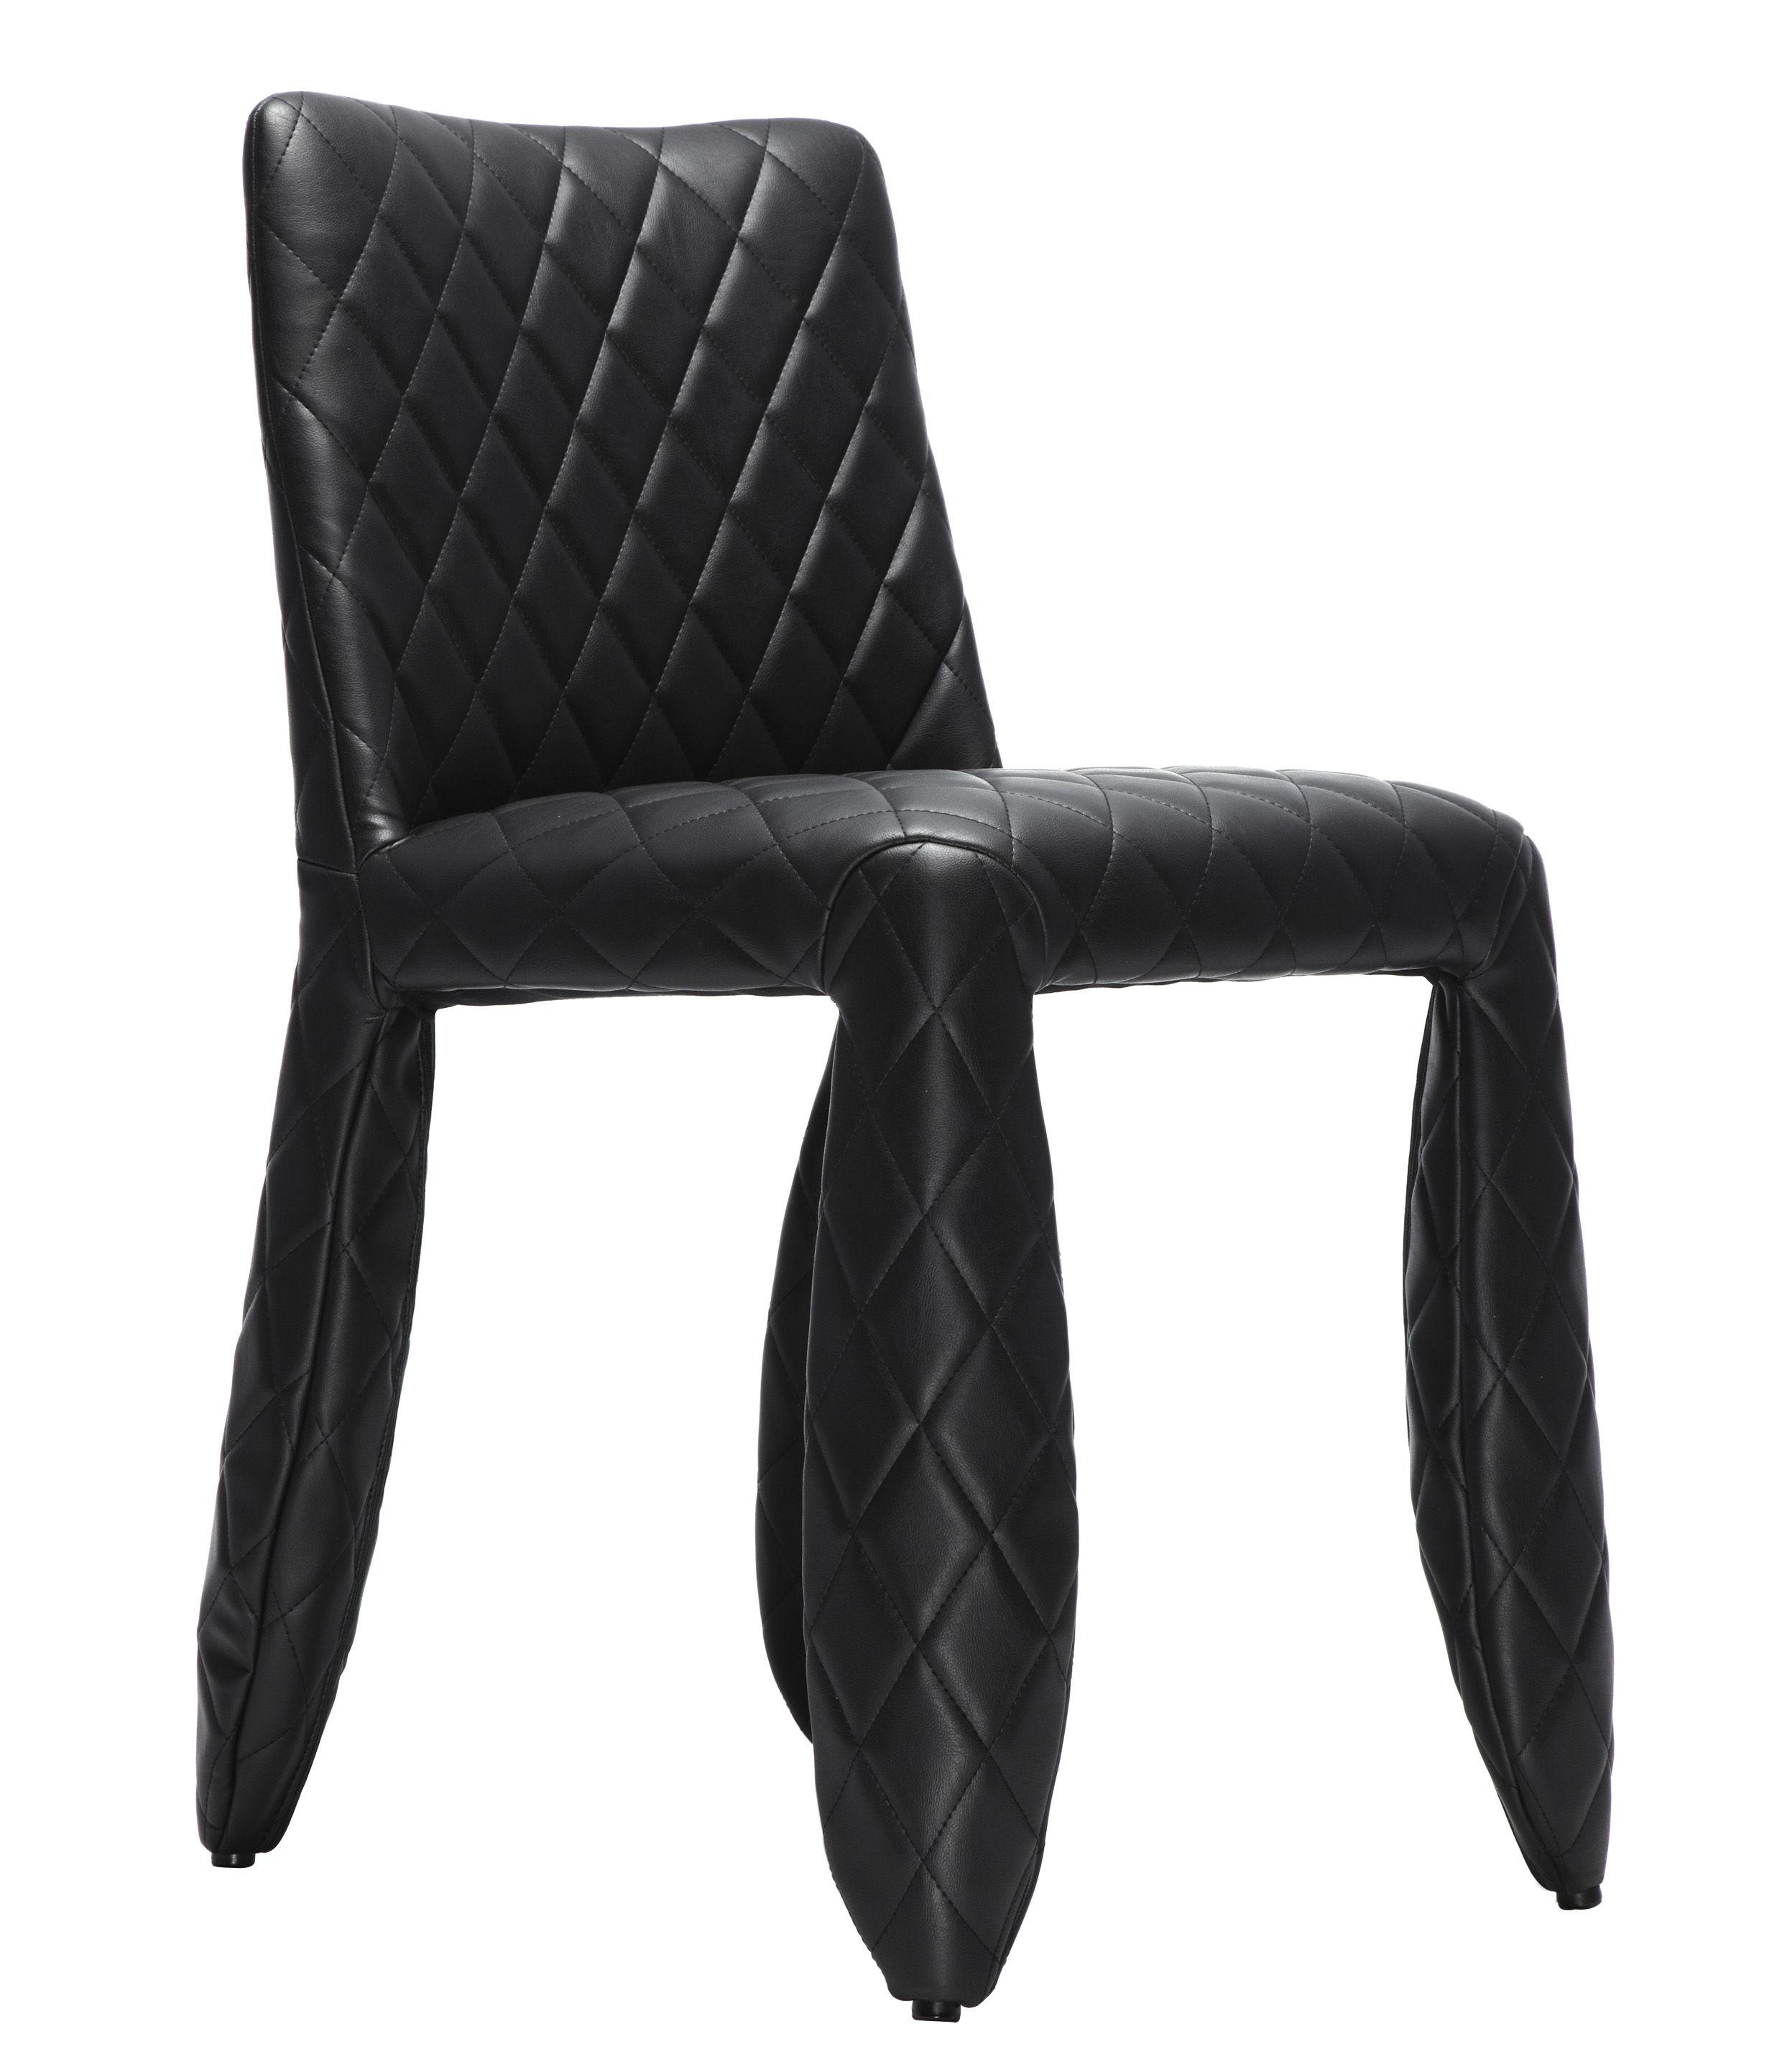 chaise rembourr e monster mod le uni noir uni moooi. Black Bedroom Furniture Sets. Home Design Ideas